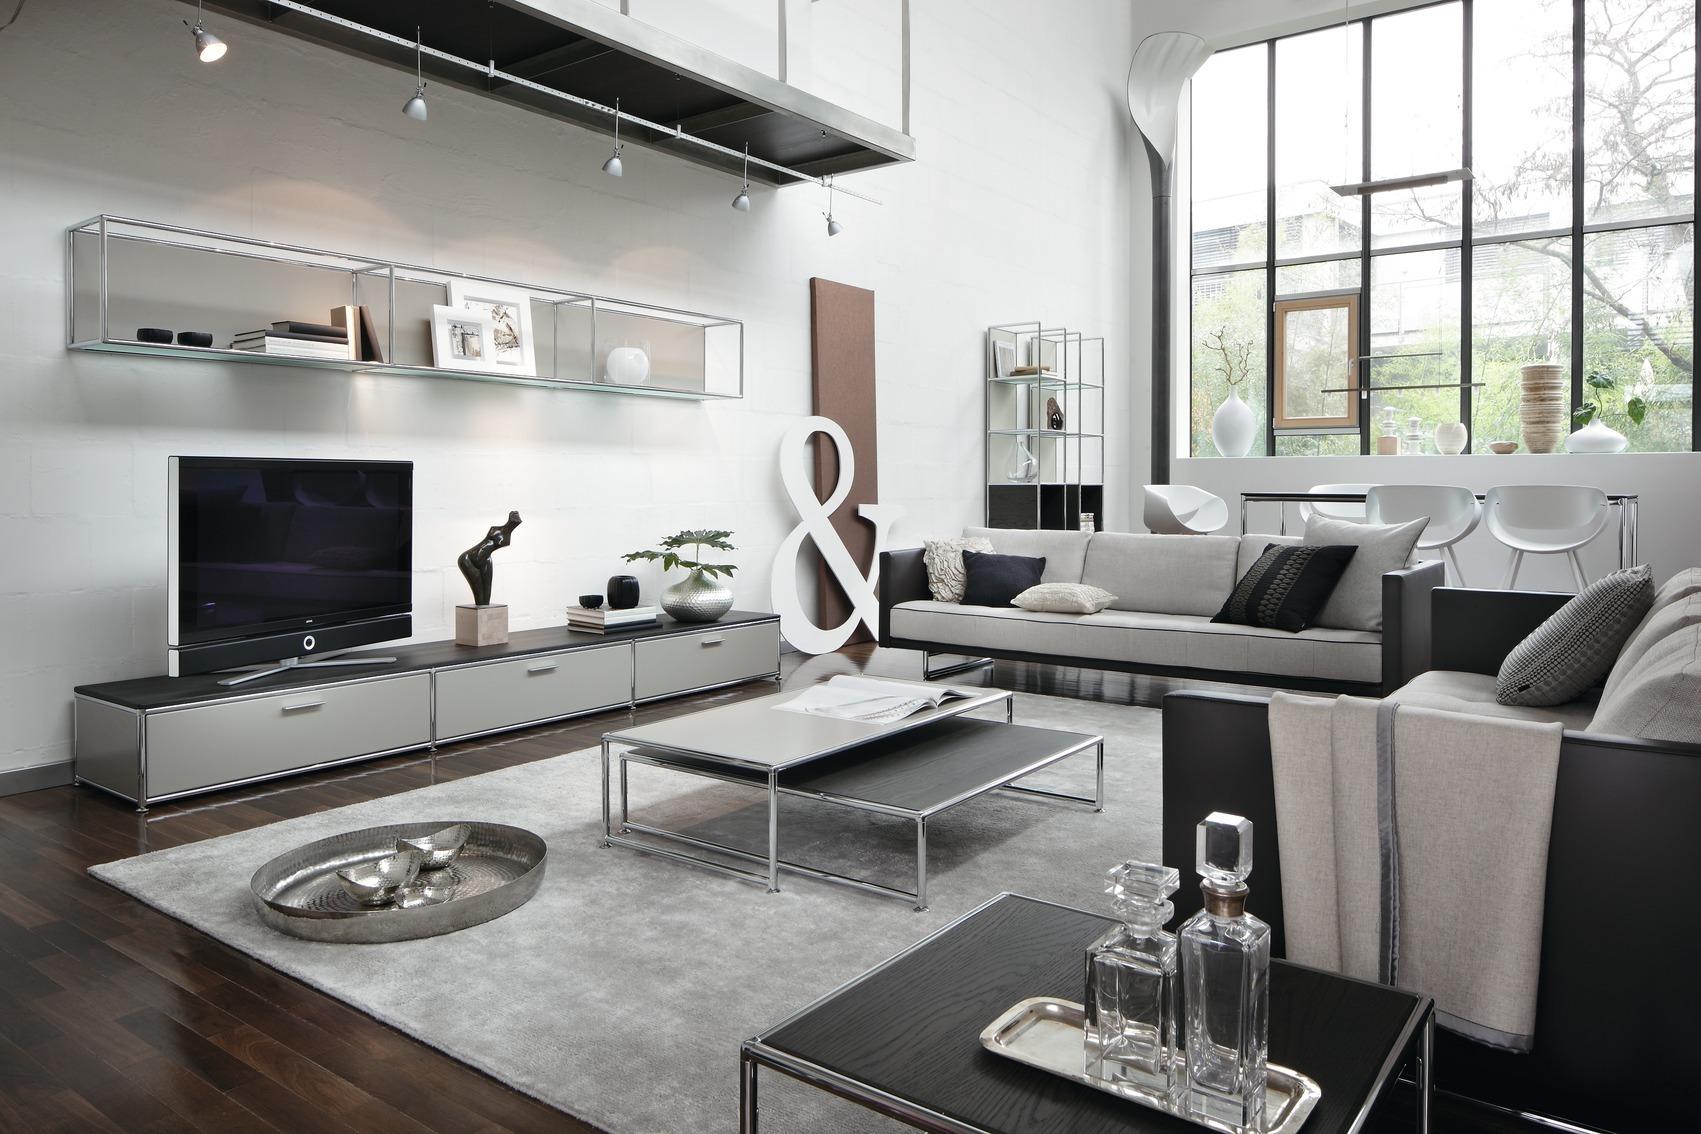 einrichtung wohnen k ln. Black Bedroom Furniture Sets. Home Design Ideas